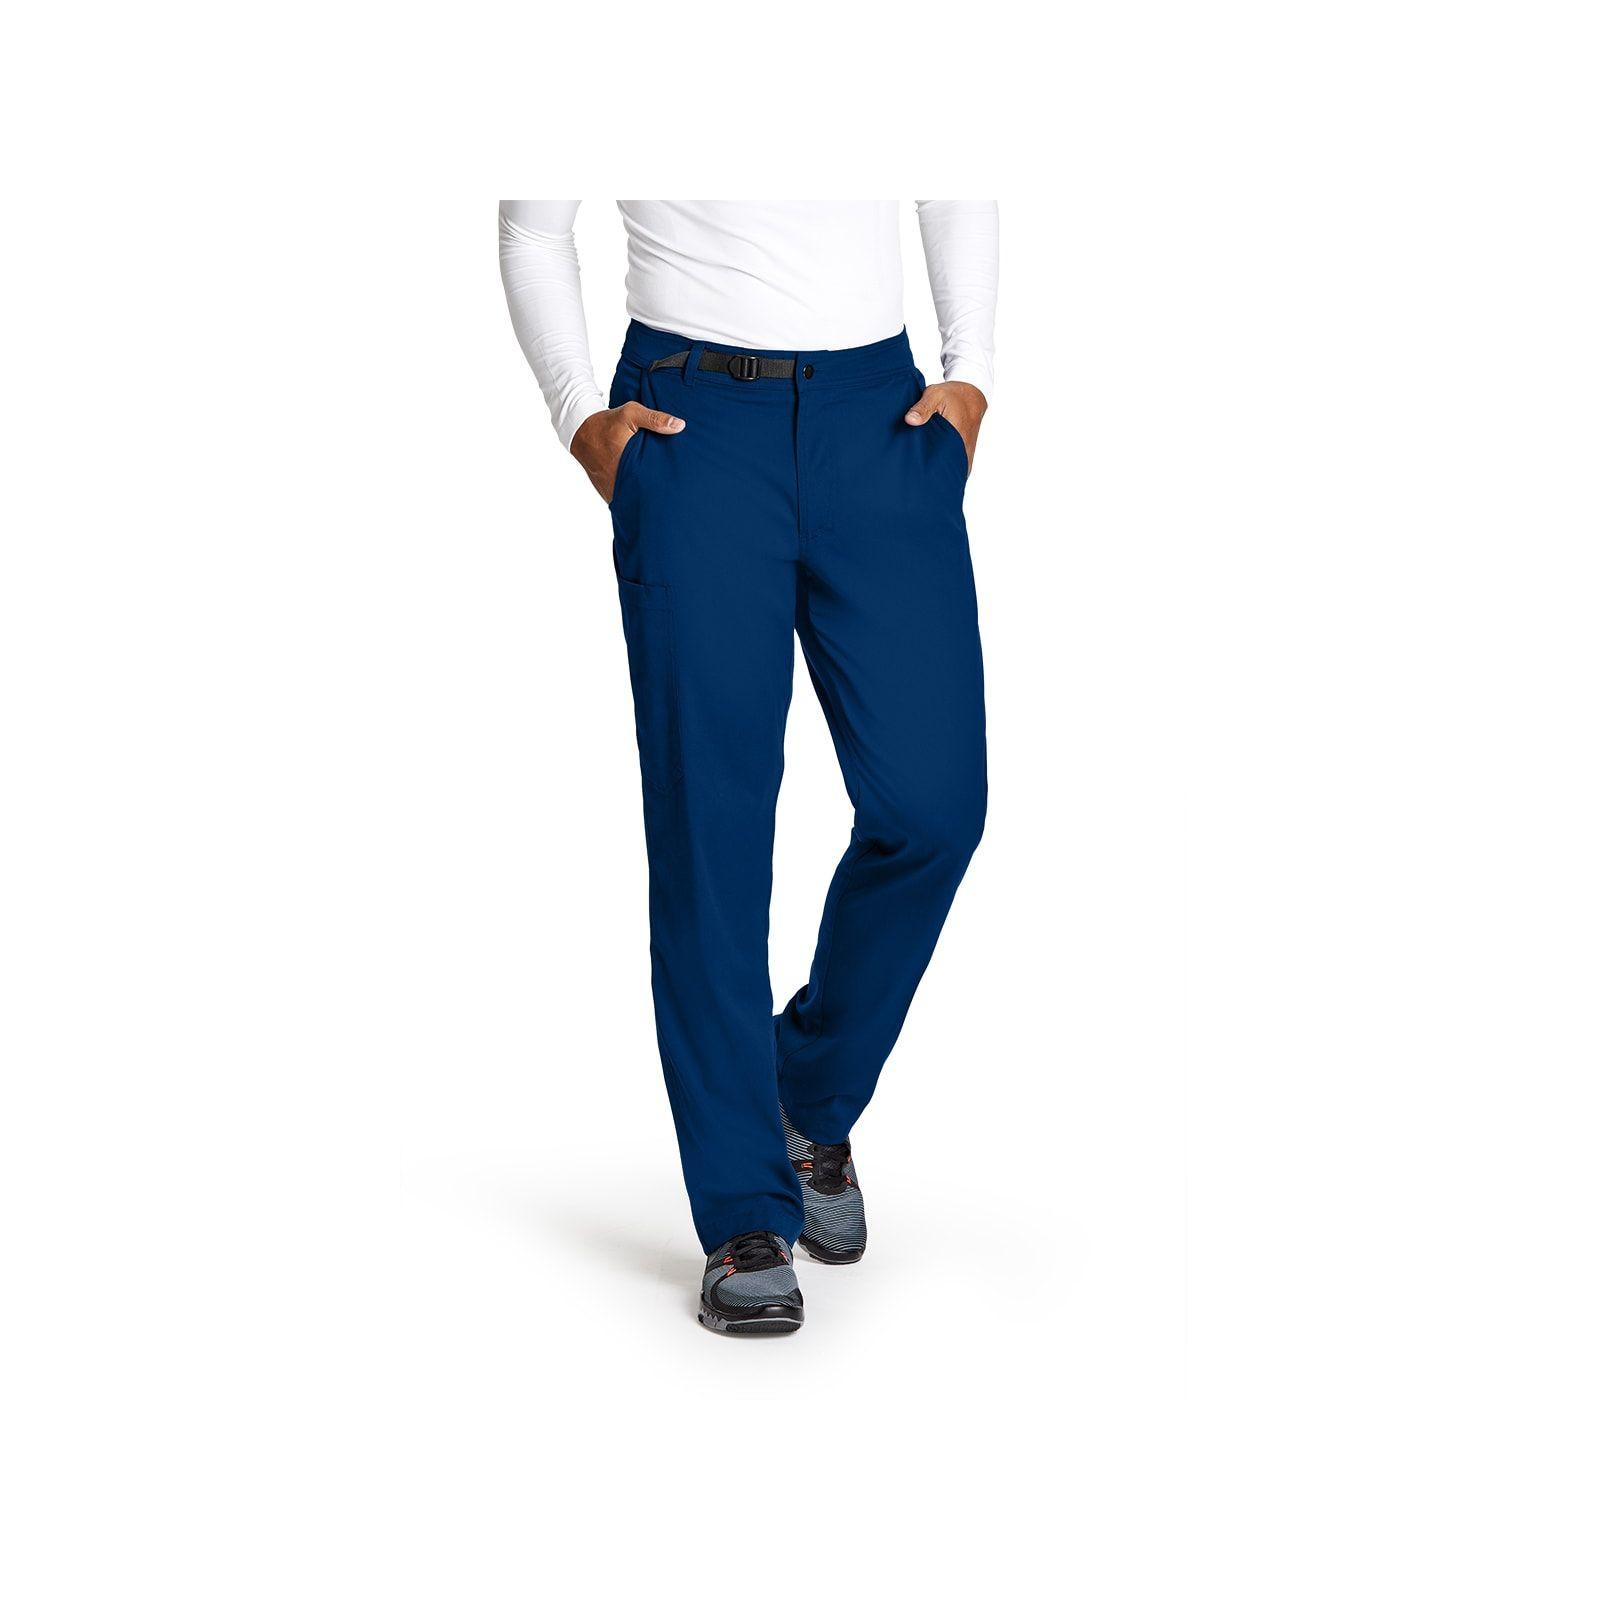 """Pantalon médical homme, couleur bleu marine vue de face, collection """"Grey's Anatomy Stretch"""" (GRSP507-)"""